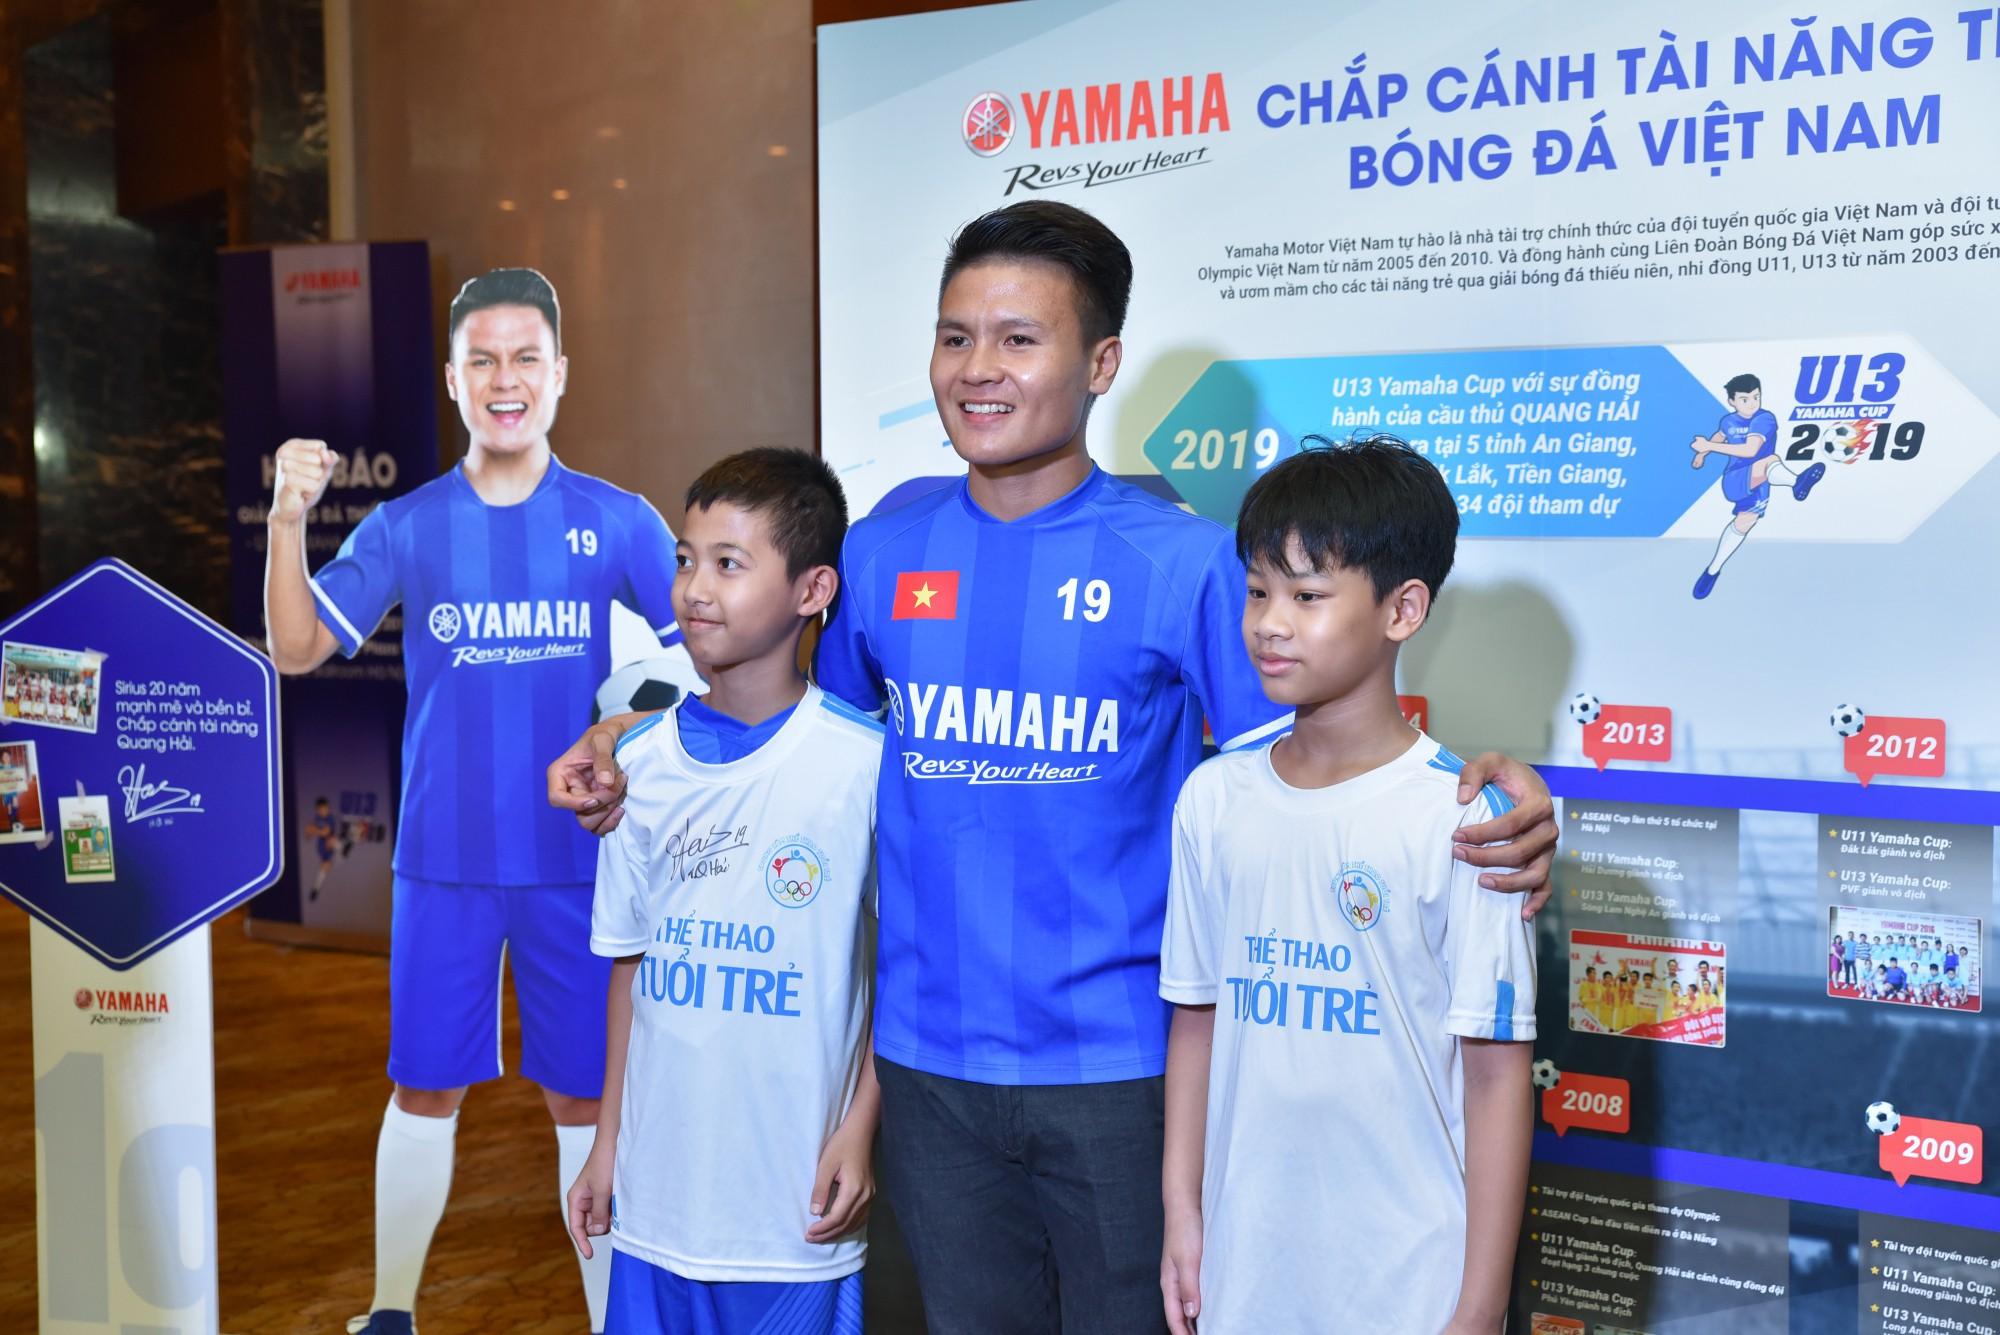 Khởi động giải bóng đá Thiếu niên U13 tìm kiếm cầu thủ tài năng trẻ - Ảnh 5.